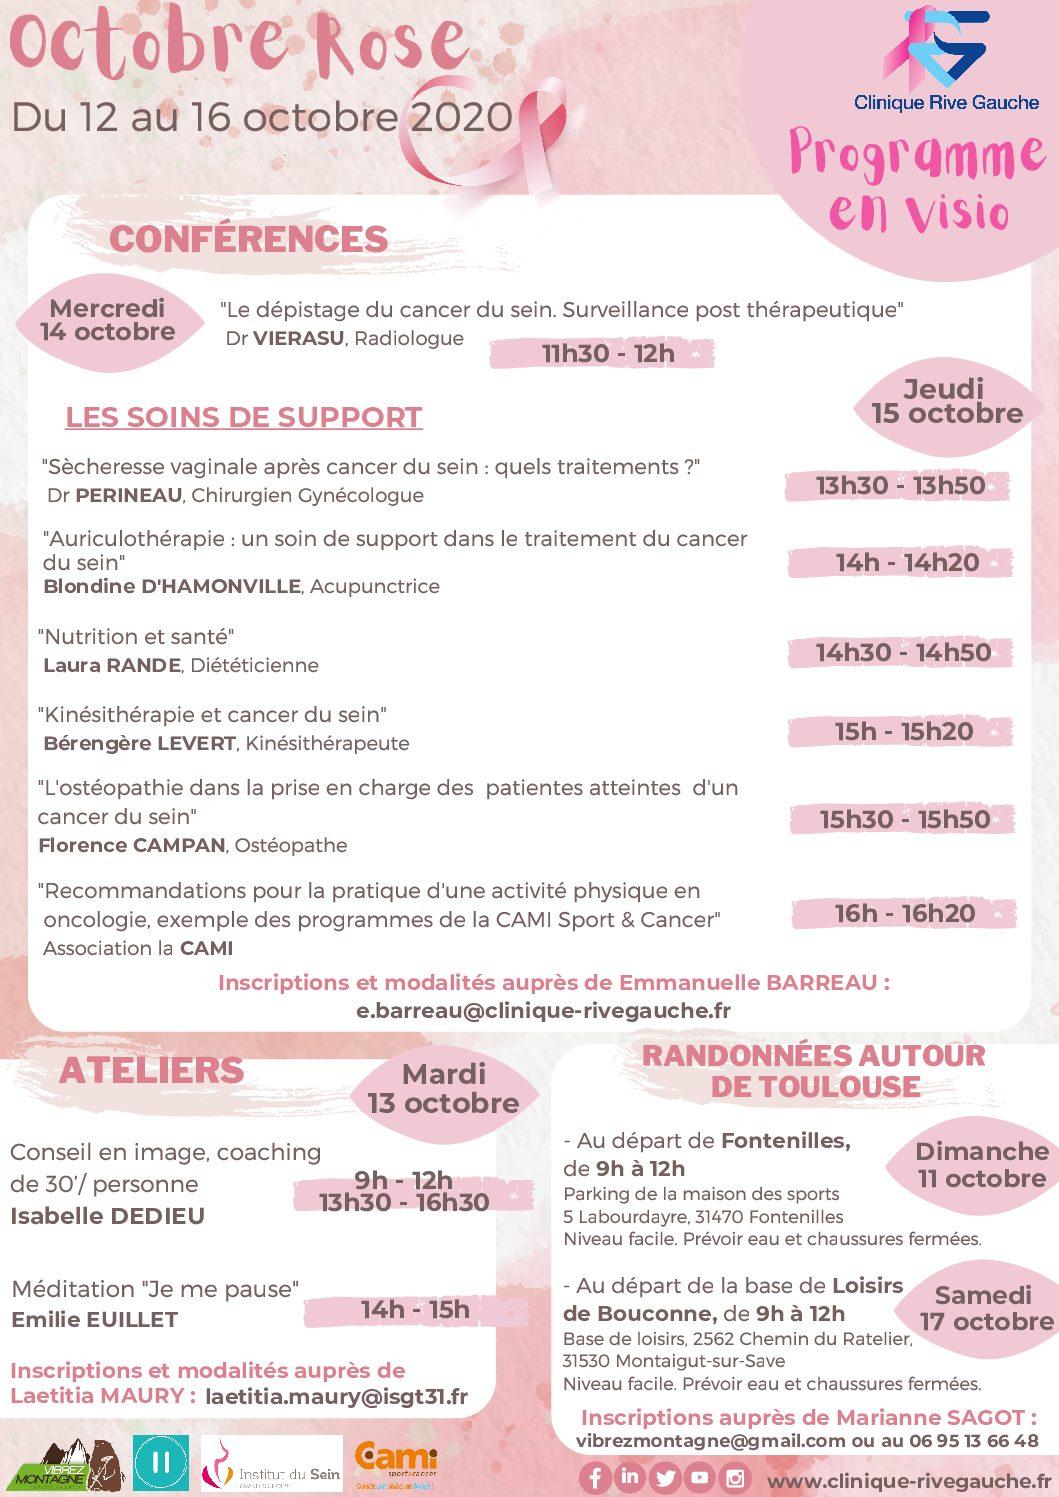 Programme Octobre Rose 2020 – Clinique Rive Gauche